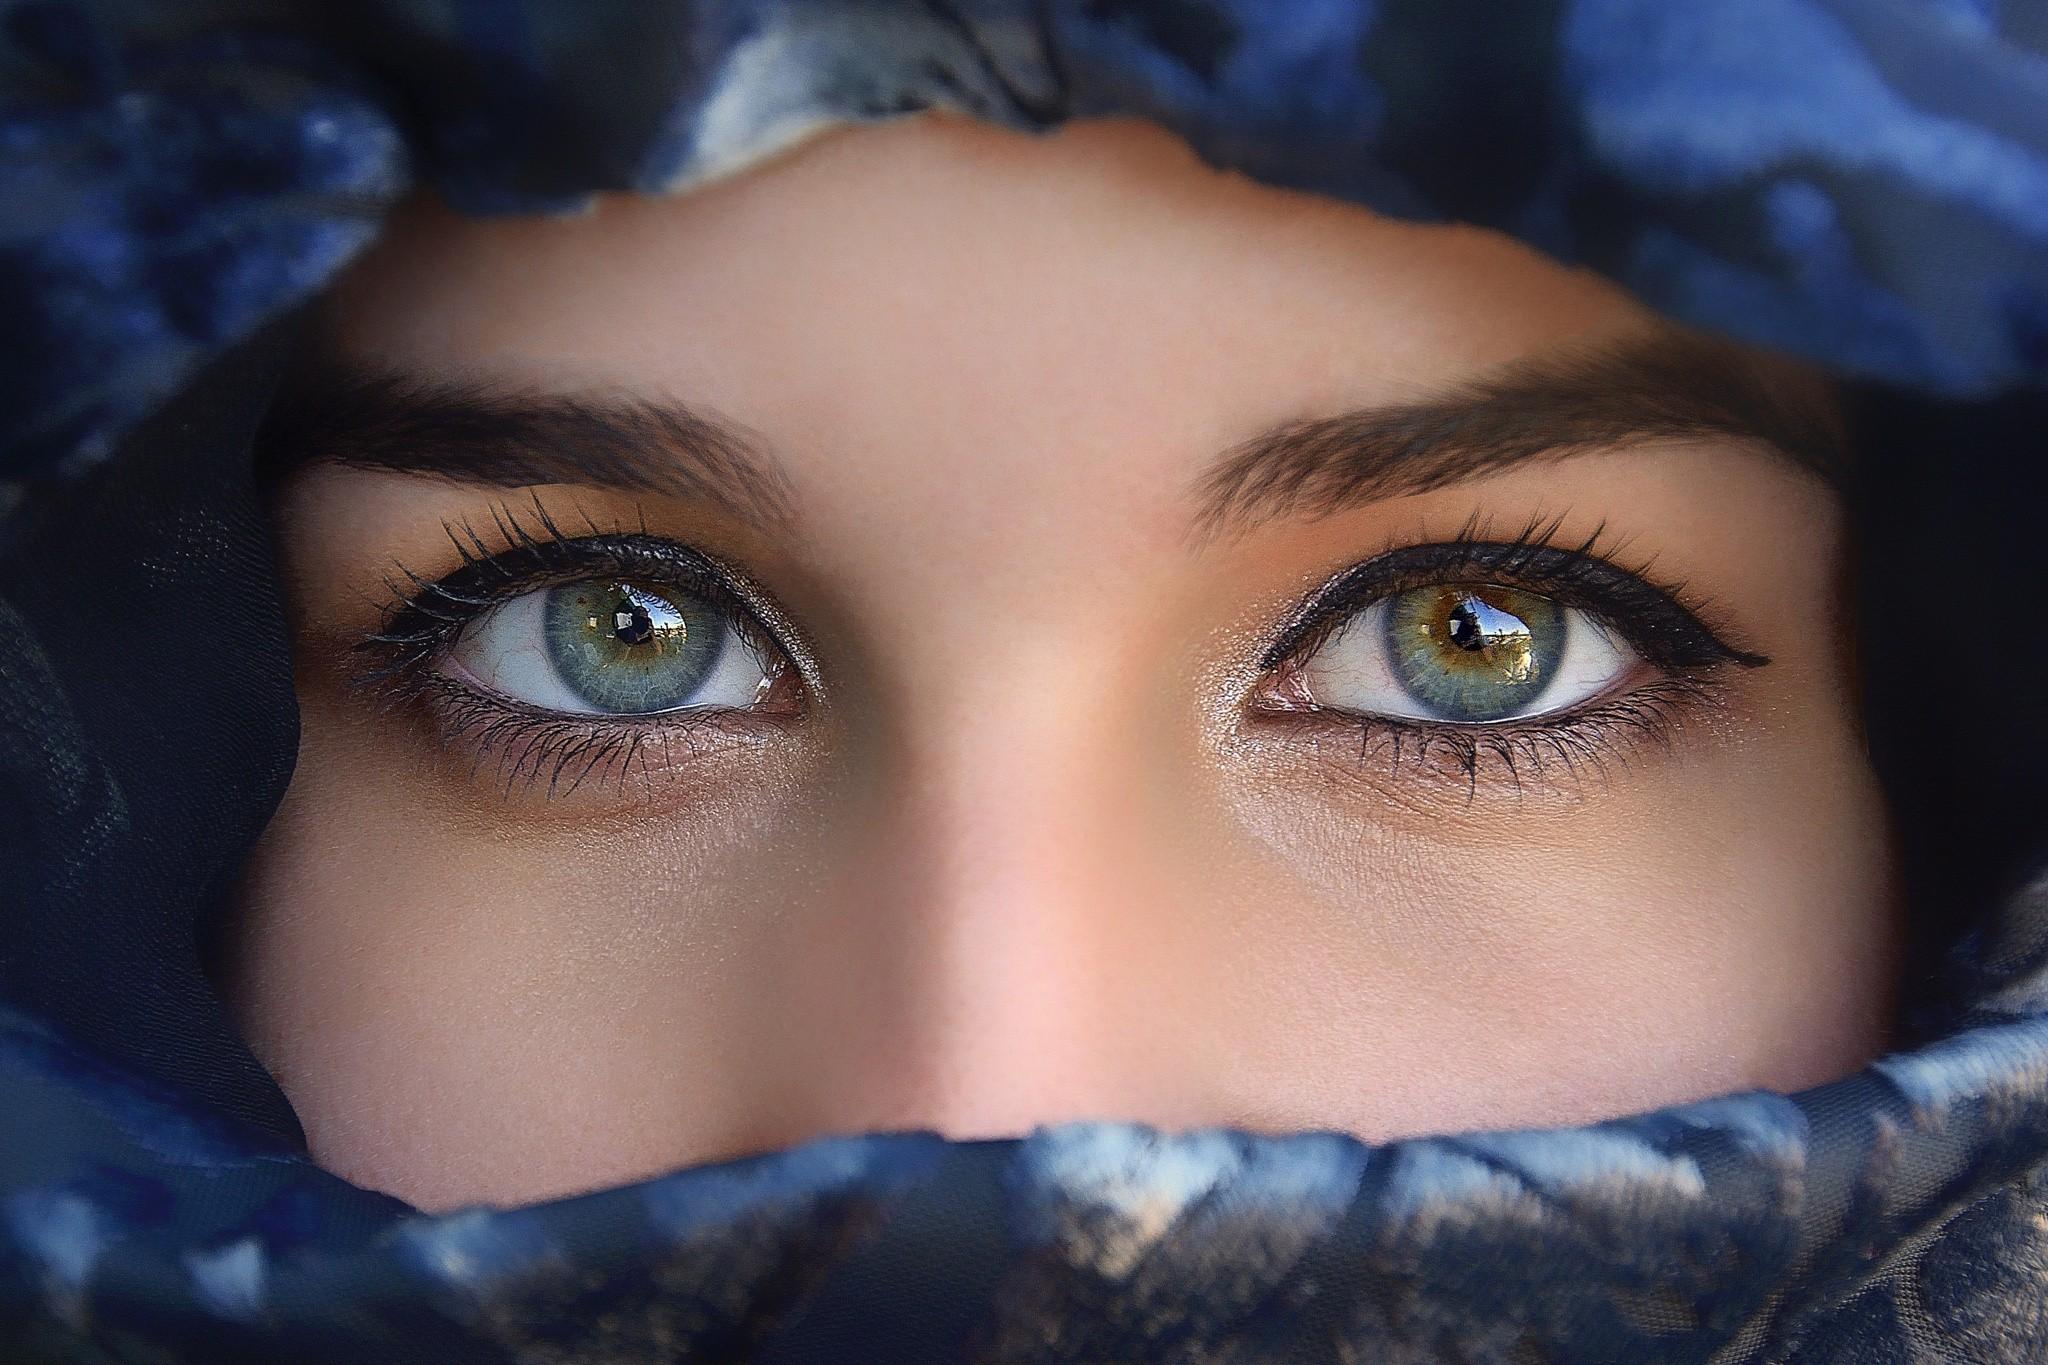 большие красивые картинки на аву глаза предыдущий раз, мара